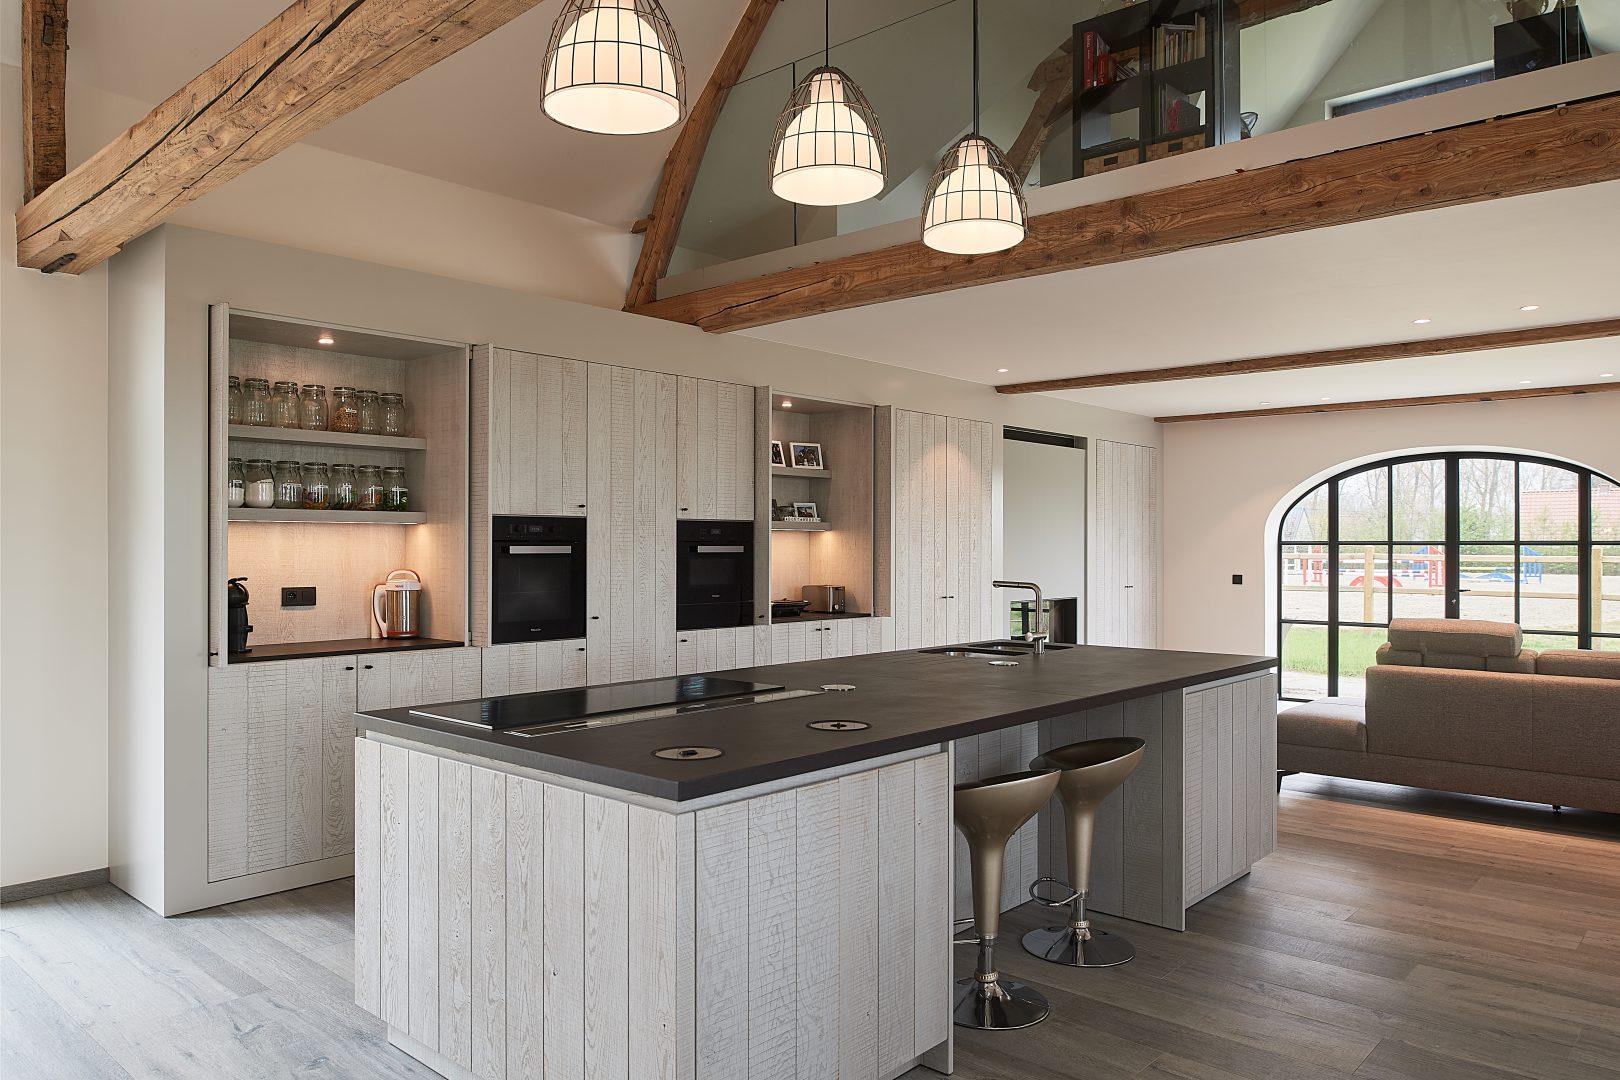 Landelijke keuken met kookeiland in hout - ACK Keukens